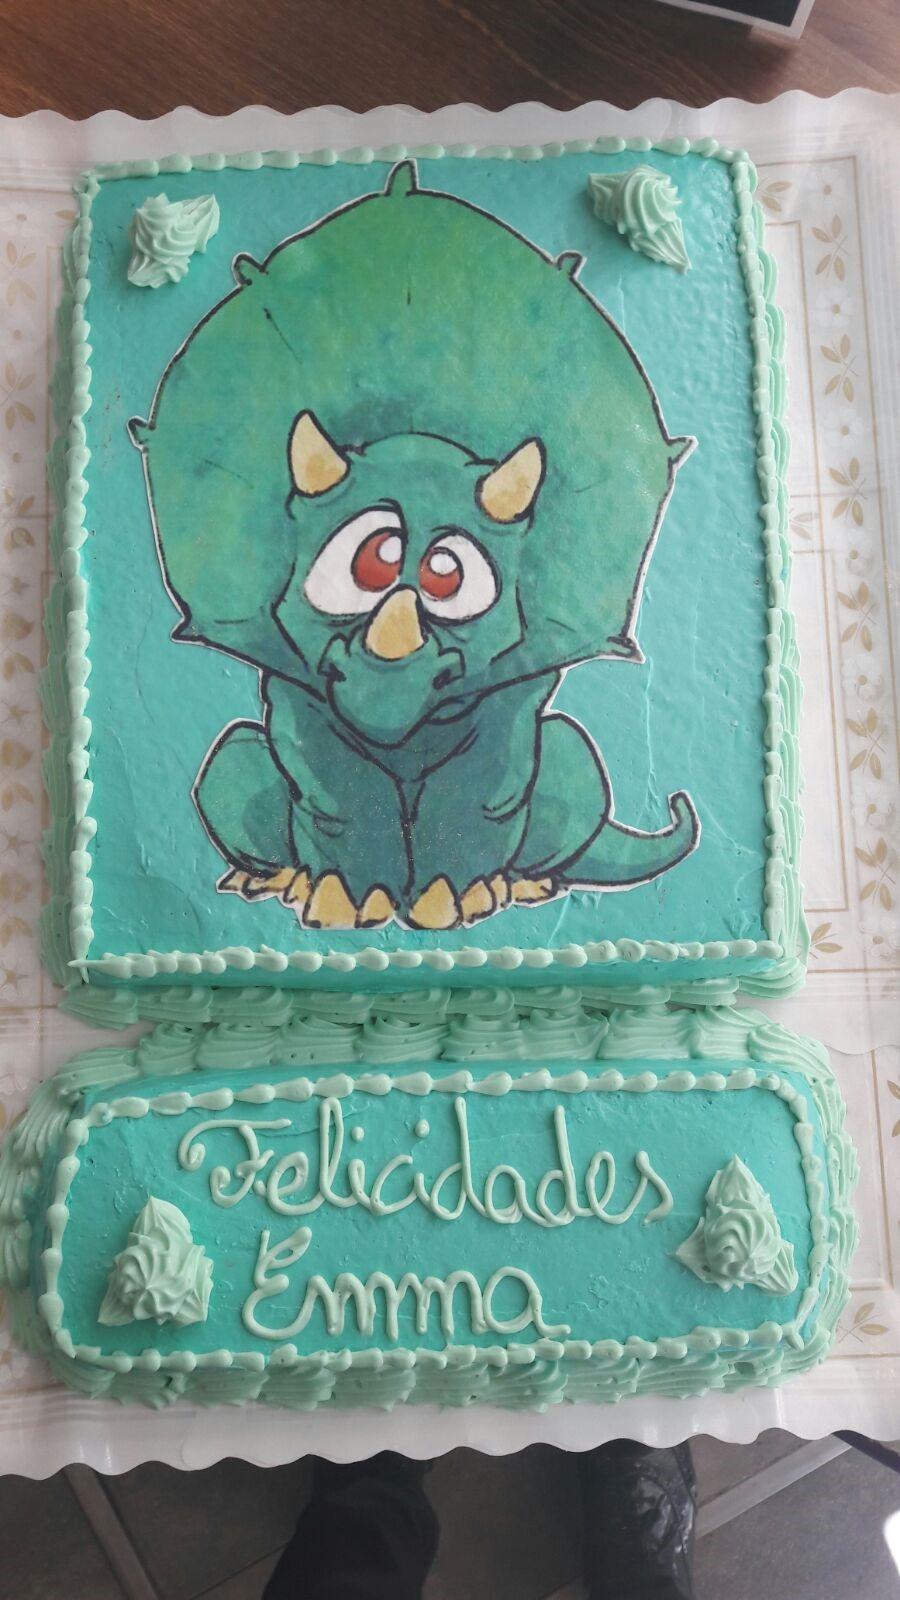 tartas personalizadas para niños en sevilla